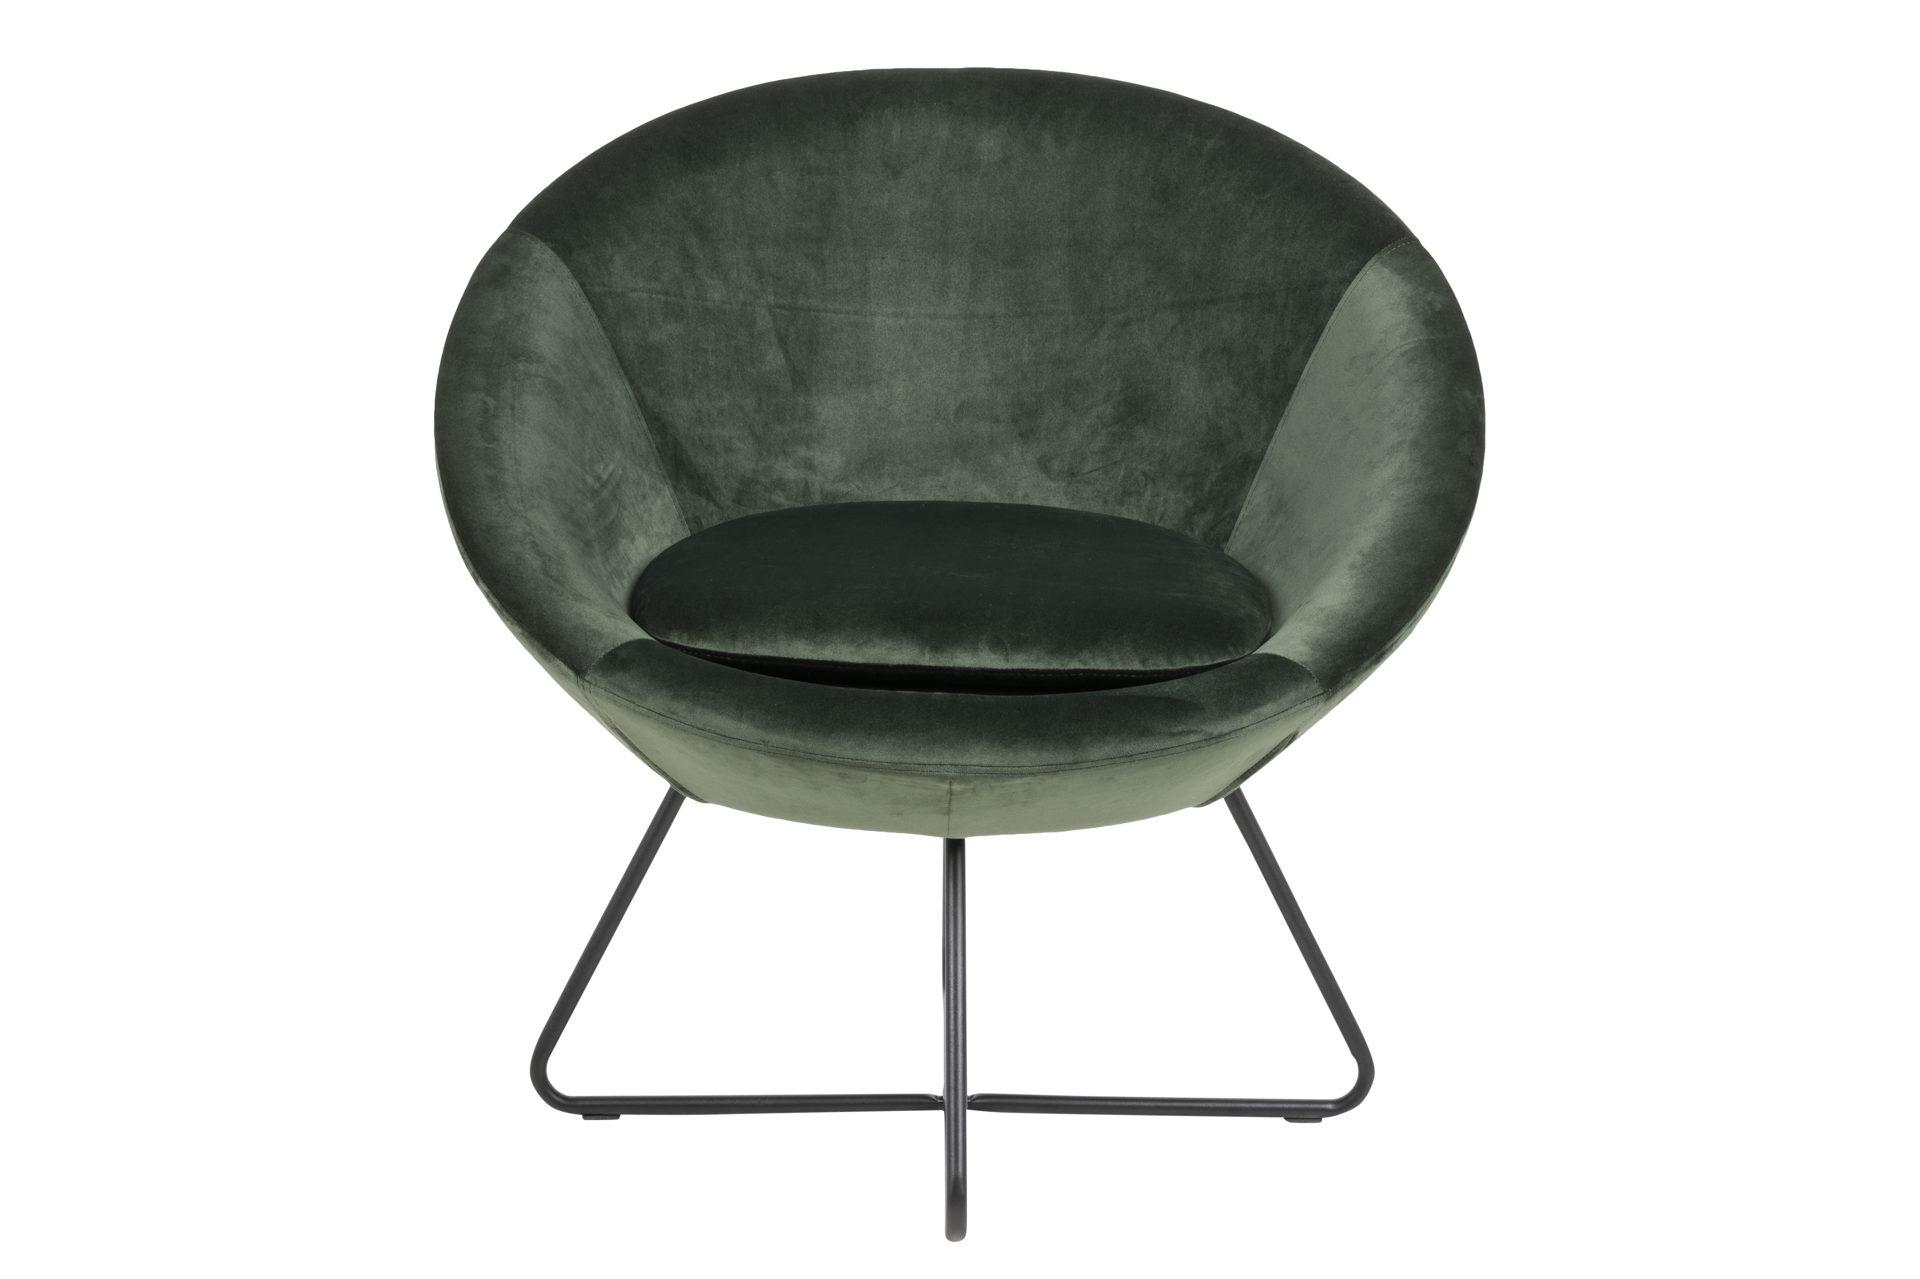 Trop Mobelabholmarkt Gmbh Mobel A Z Stuhle Banke Lounge Stuhl